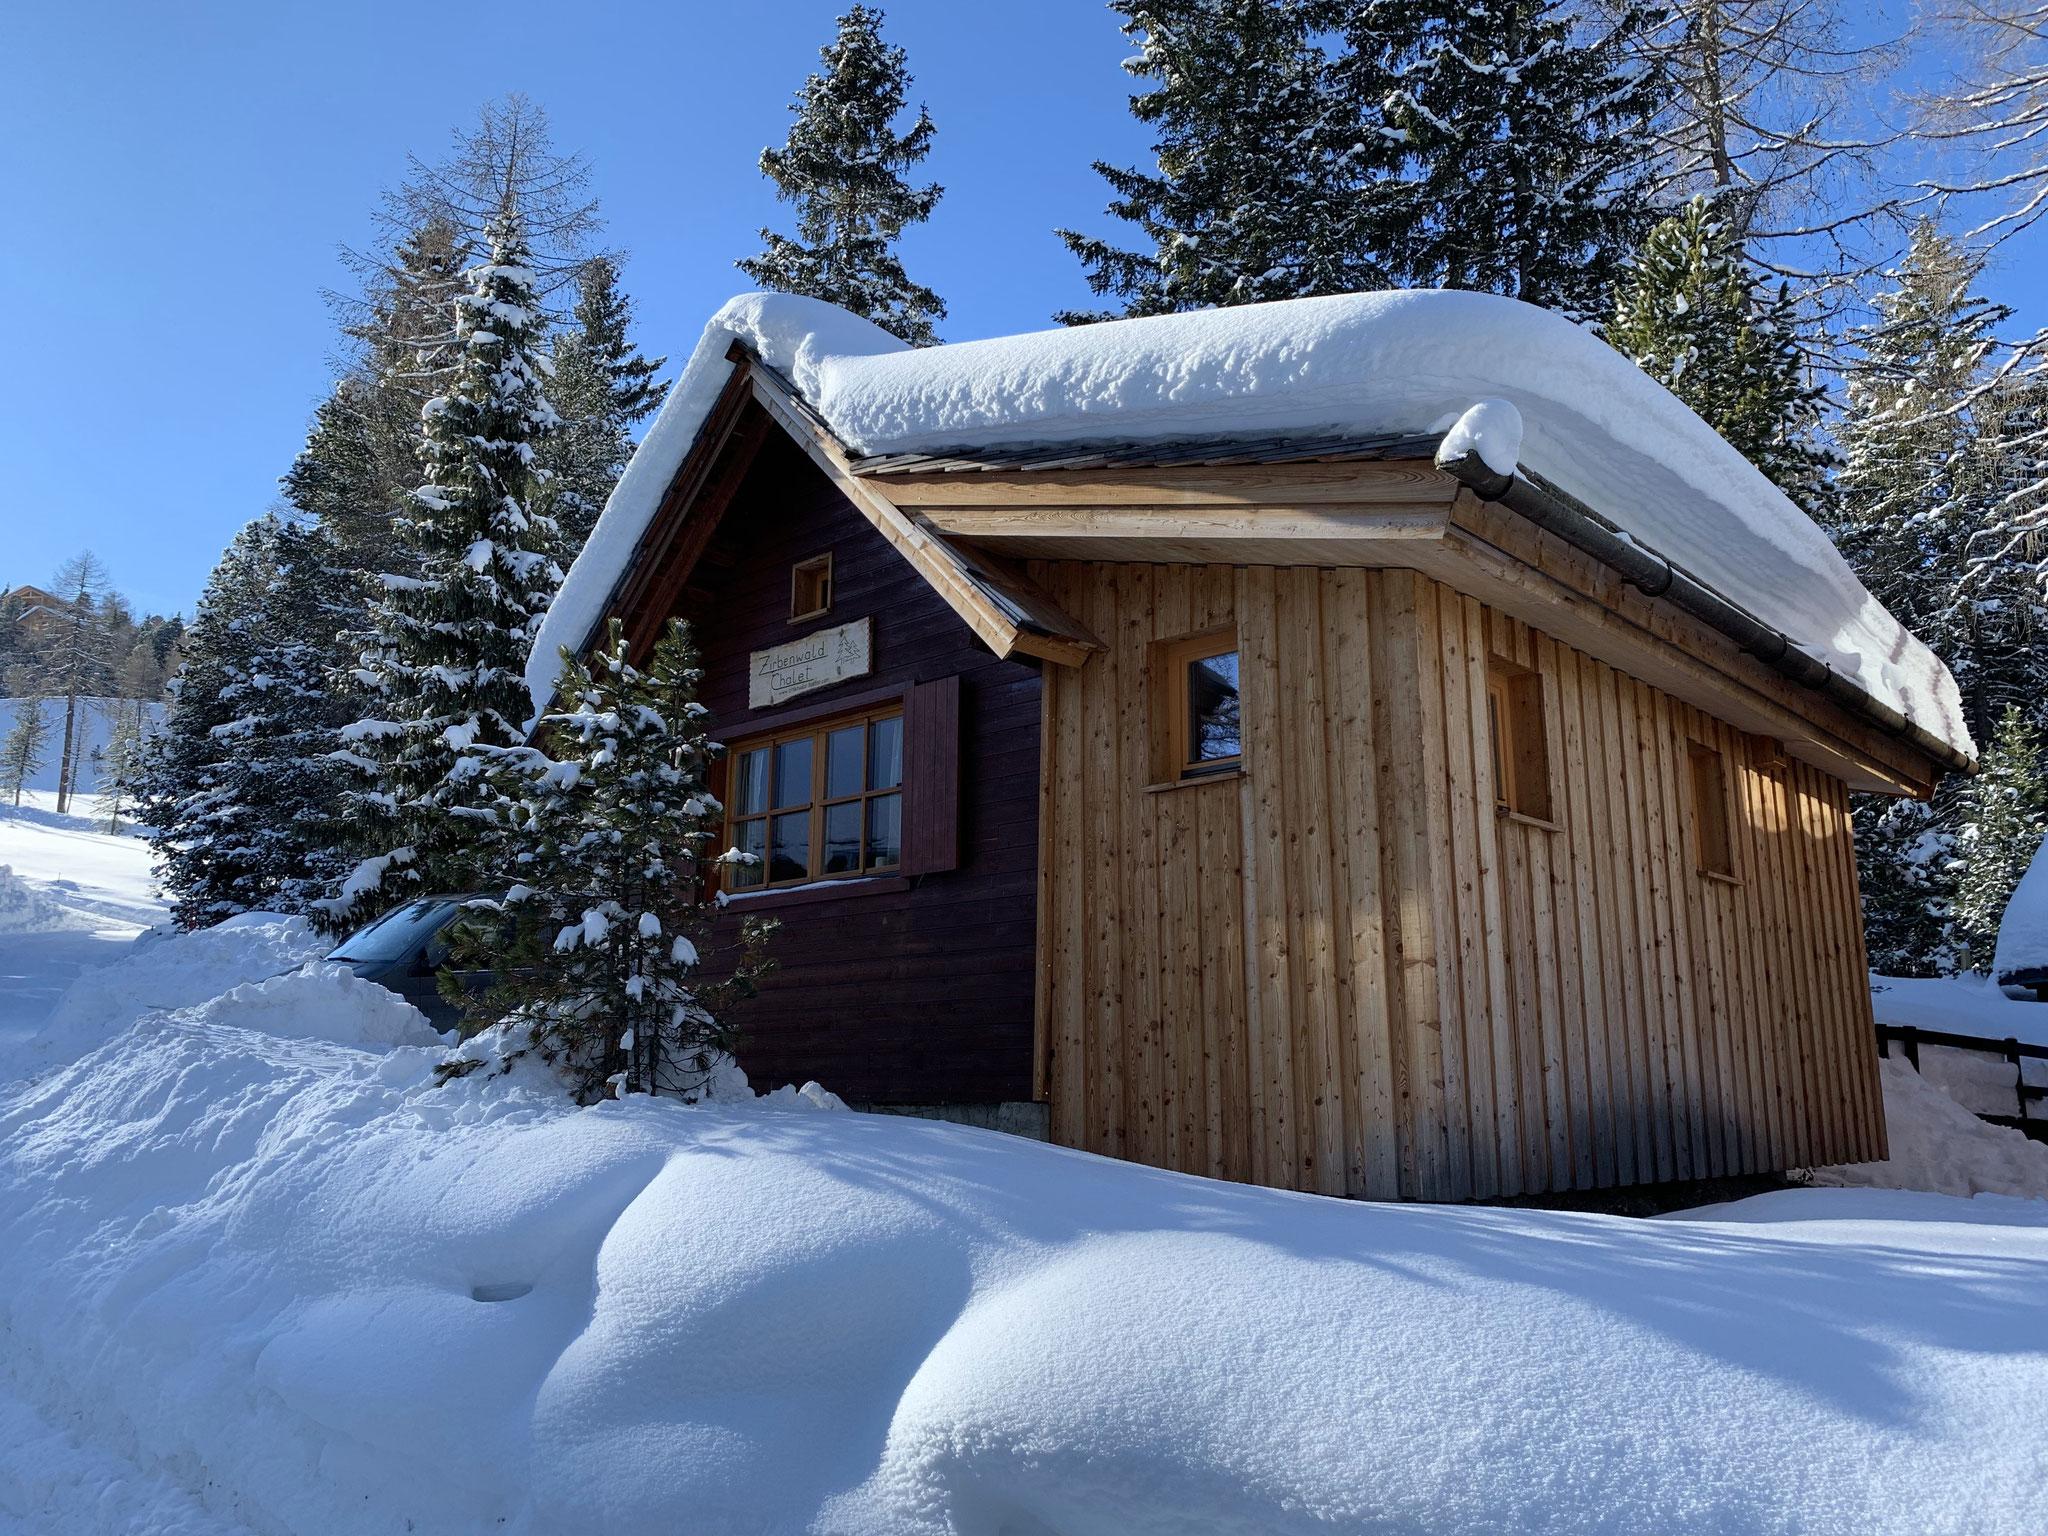 Zirbenwald-Chalet Turracher Höhe - Winter Ostansicht